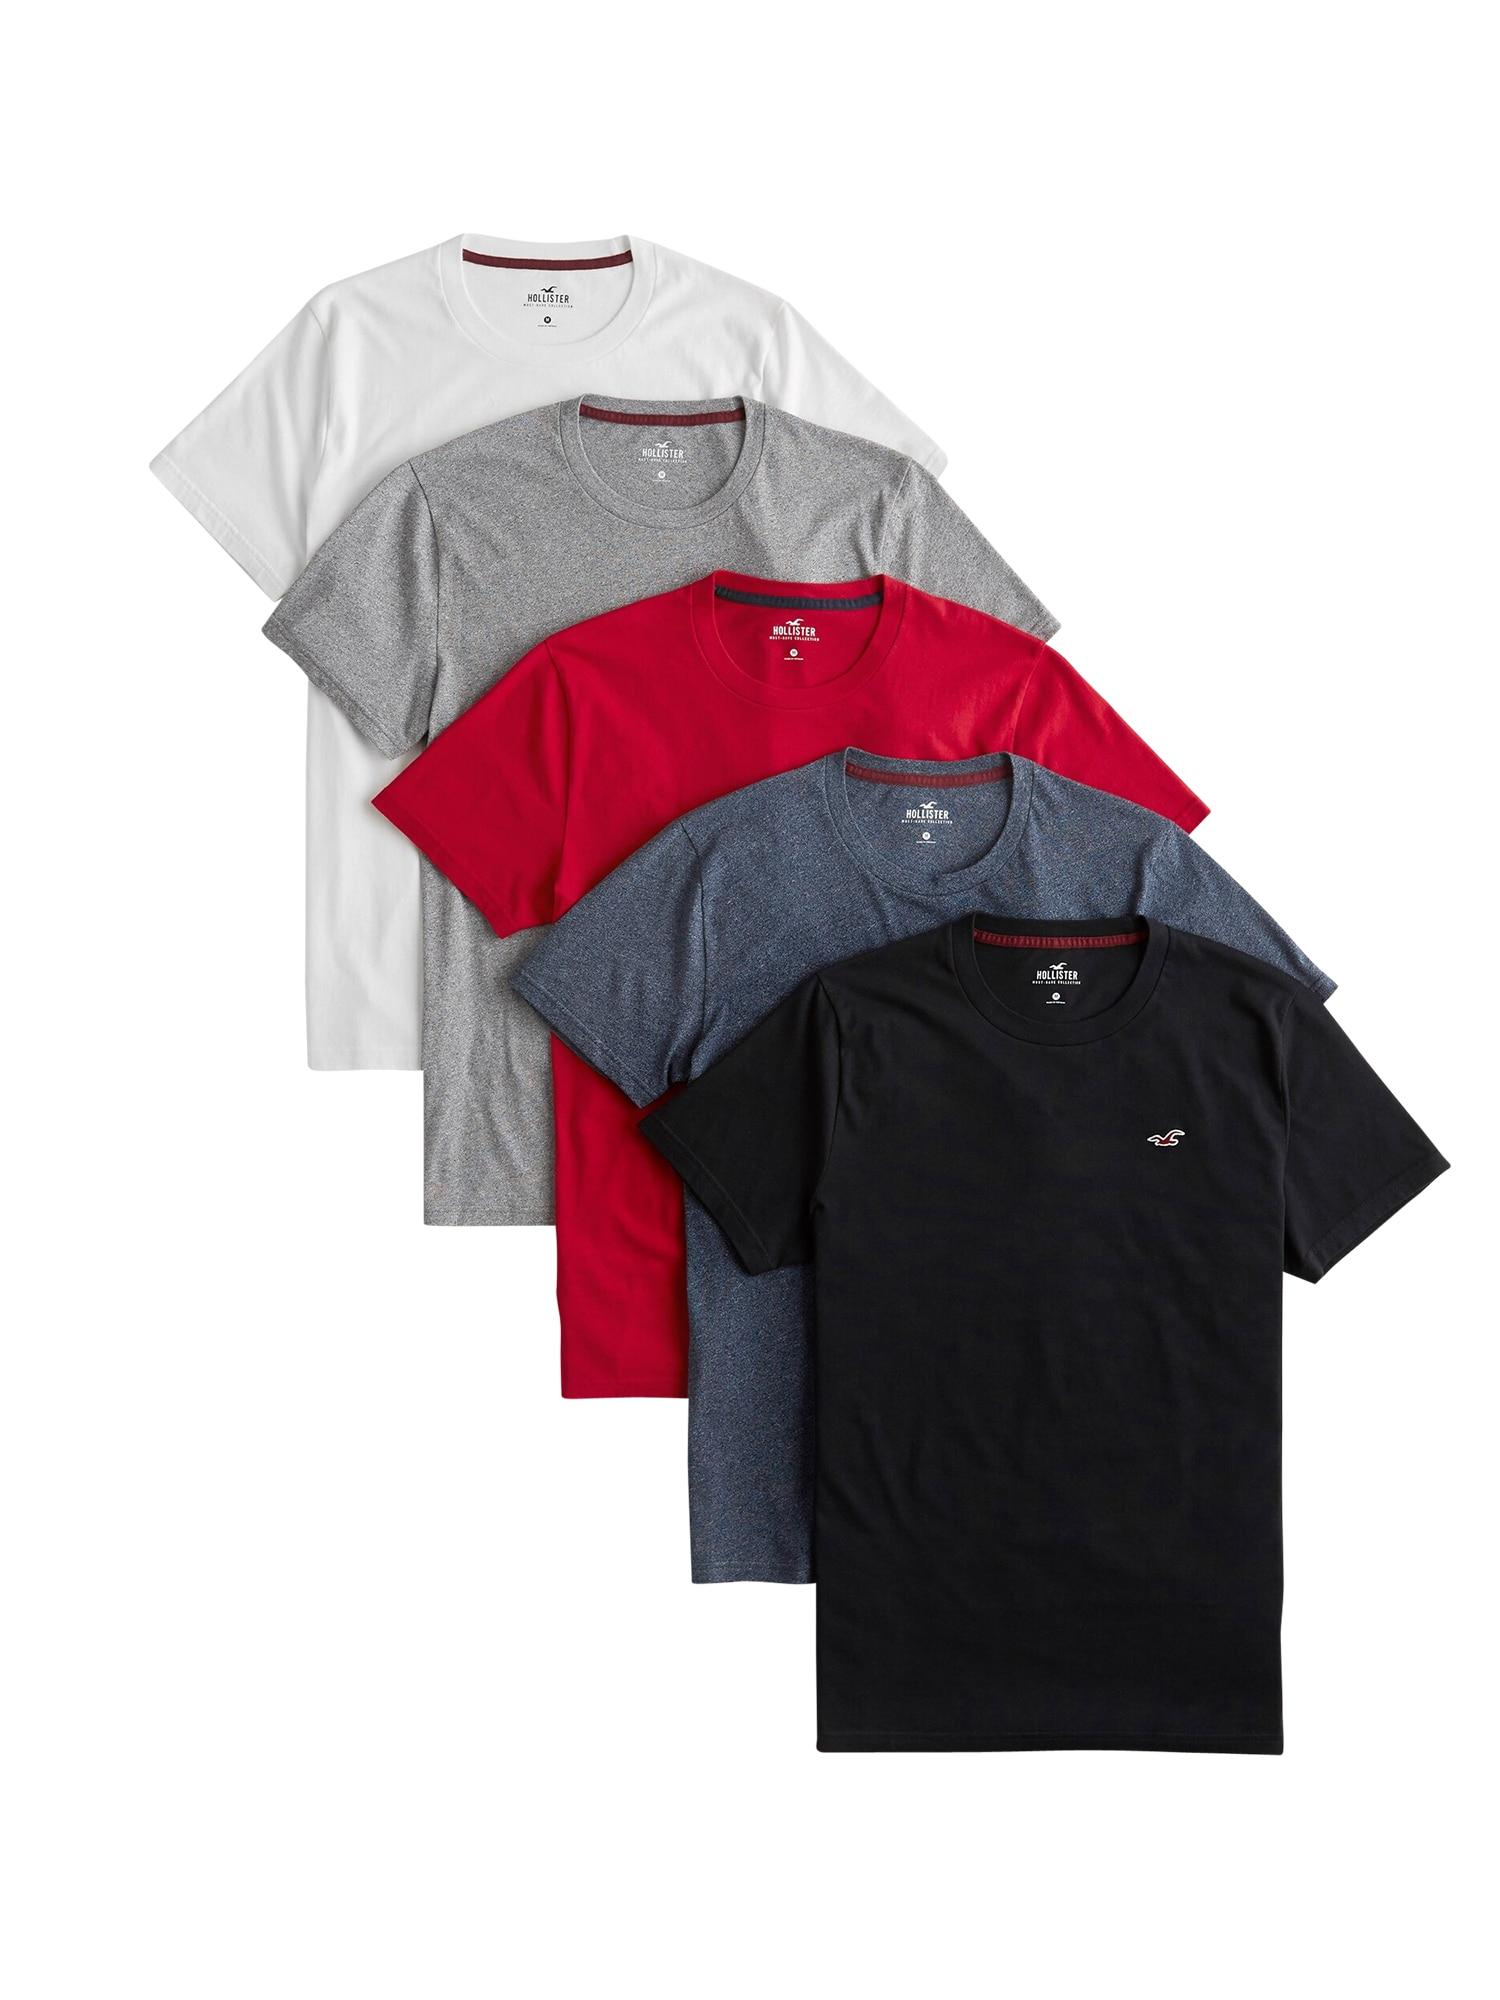 HOLLISTER Marškinėliai juoda / balta / pilka / raudona / tamsiai mėlyna